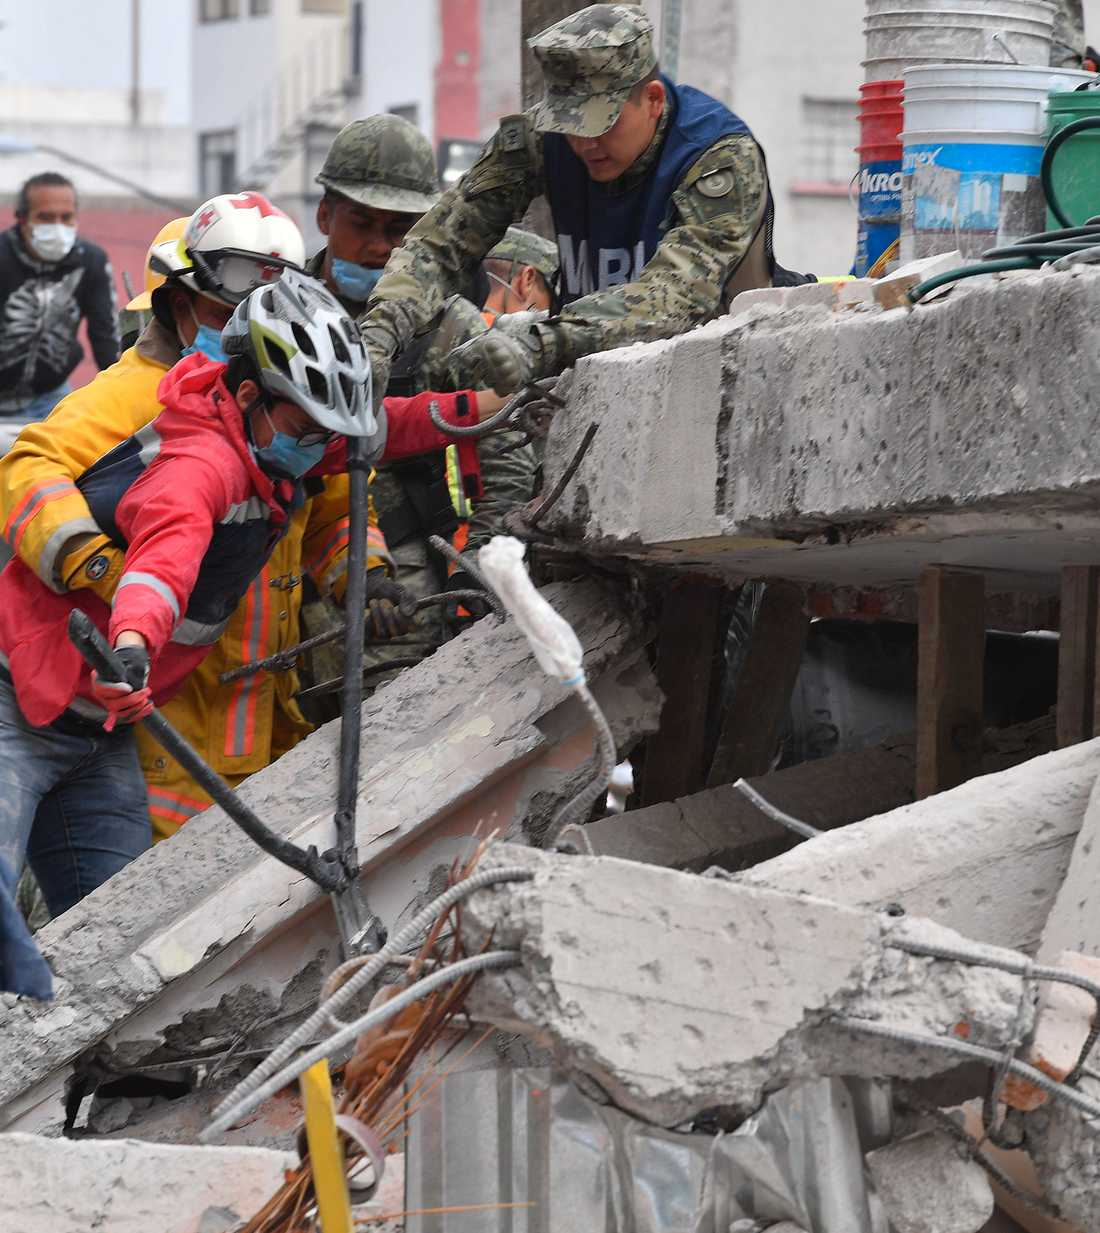 Flera byggnader har rasat samman i Mexiko City. Här arbetar räddningspersonal med att ta sig in i ett hus.